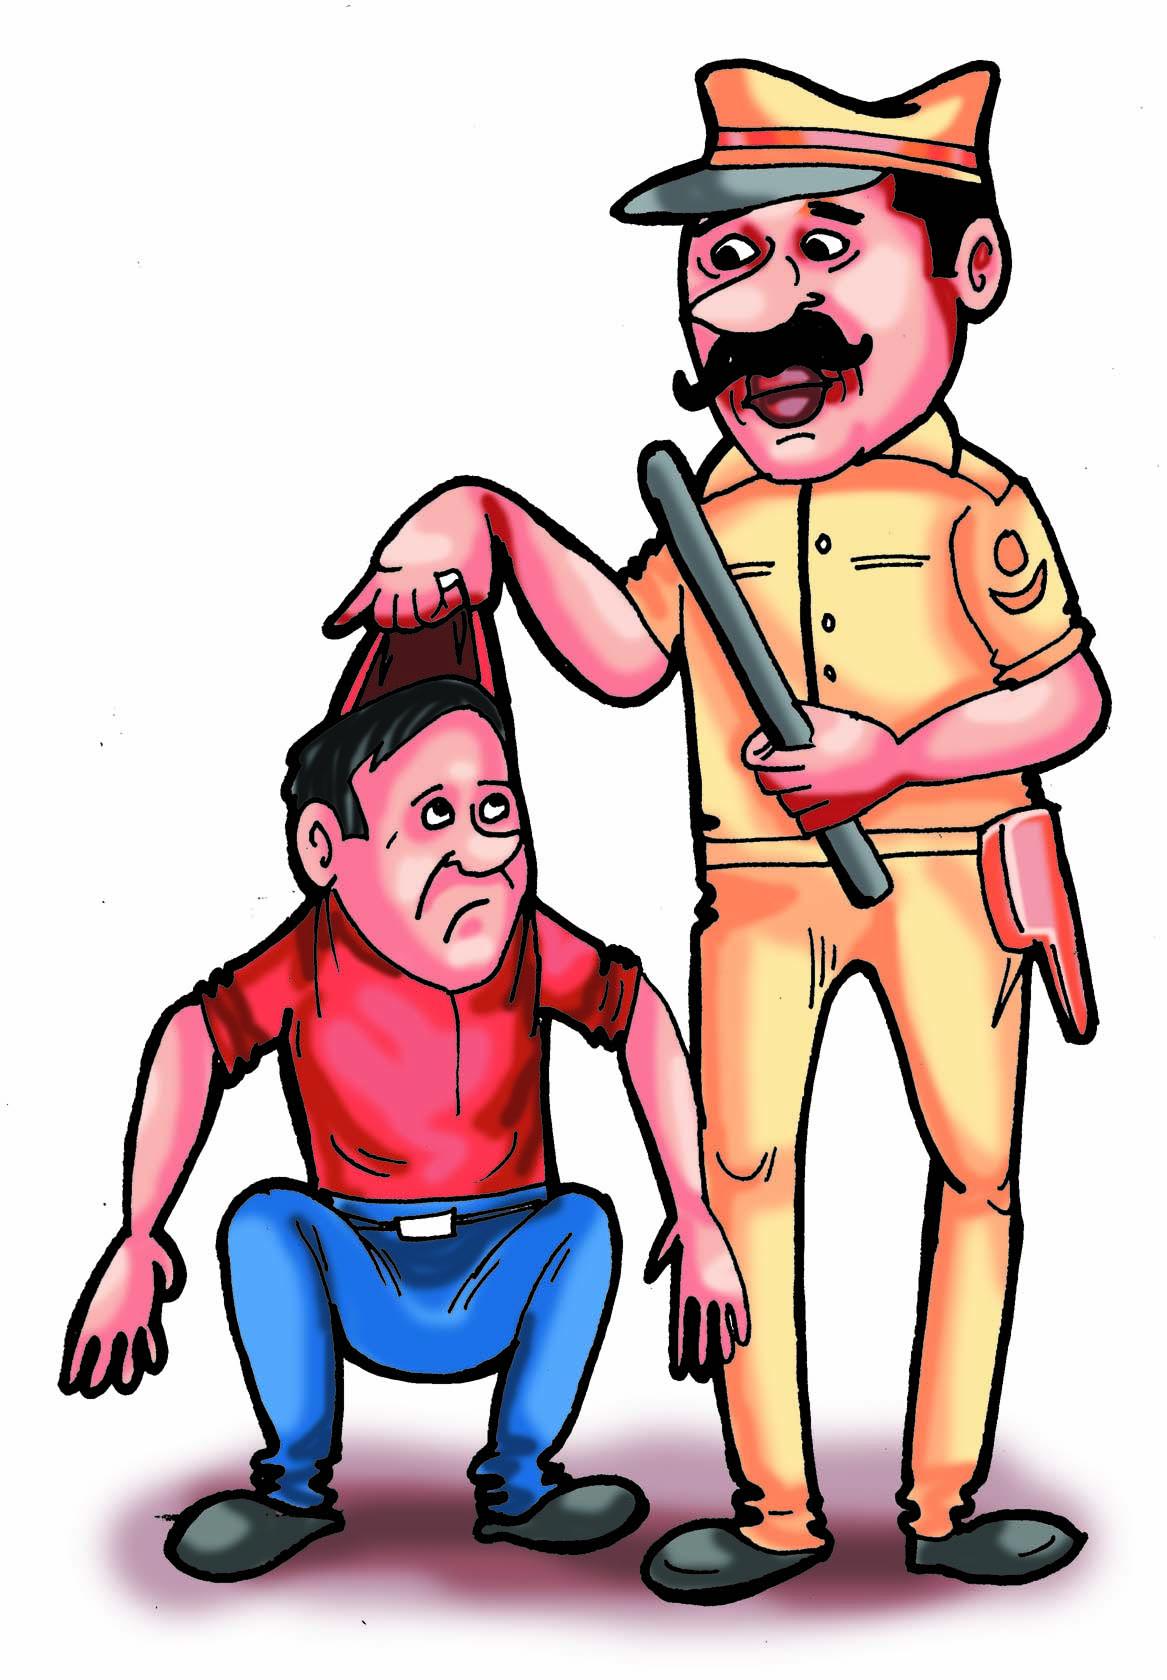 अंतरराज्यीय जुए के फड़ पर पुलिस का छापा, 5 जुआरी पकड़े